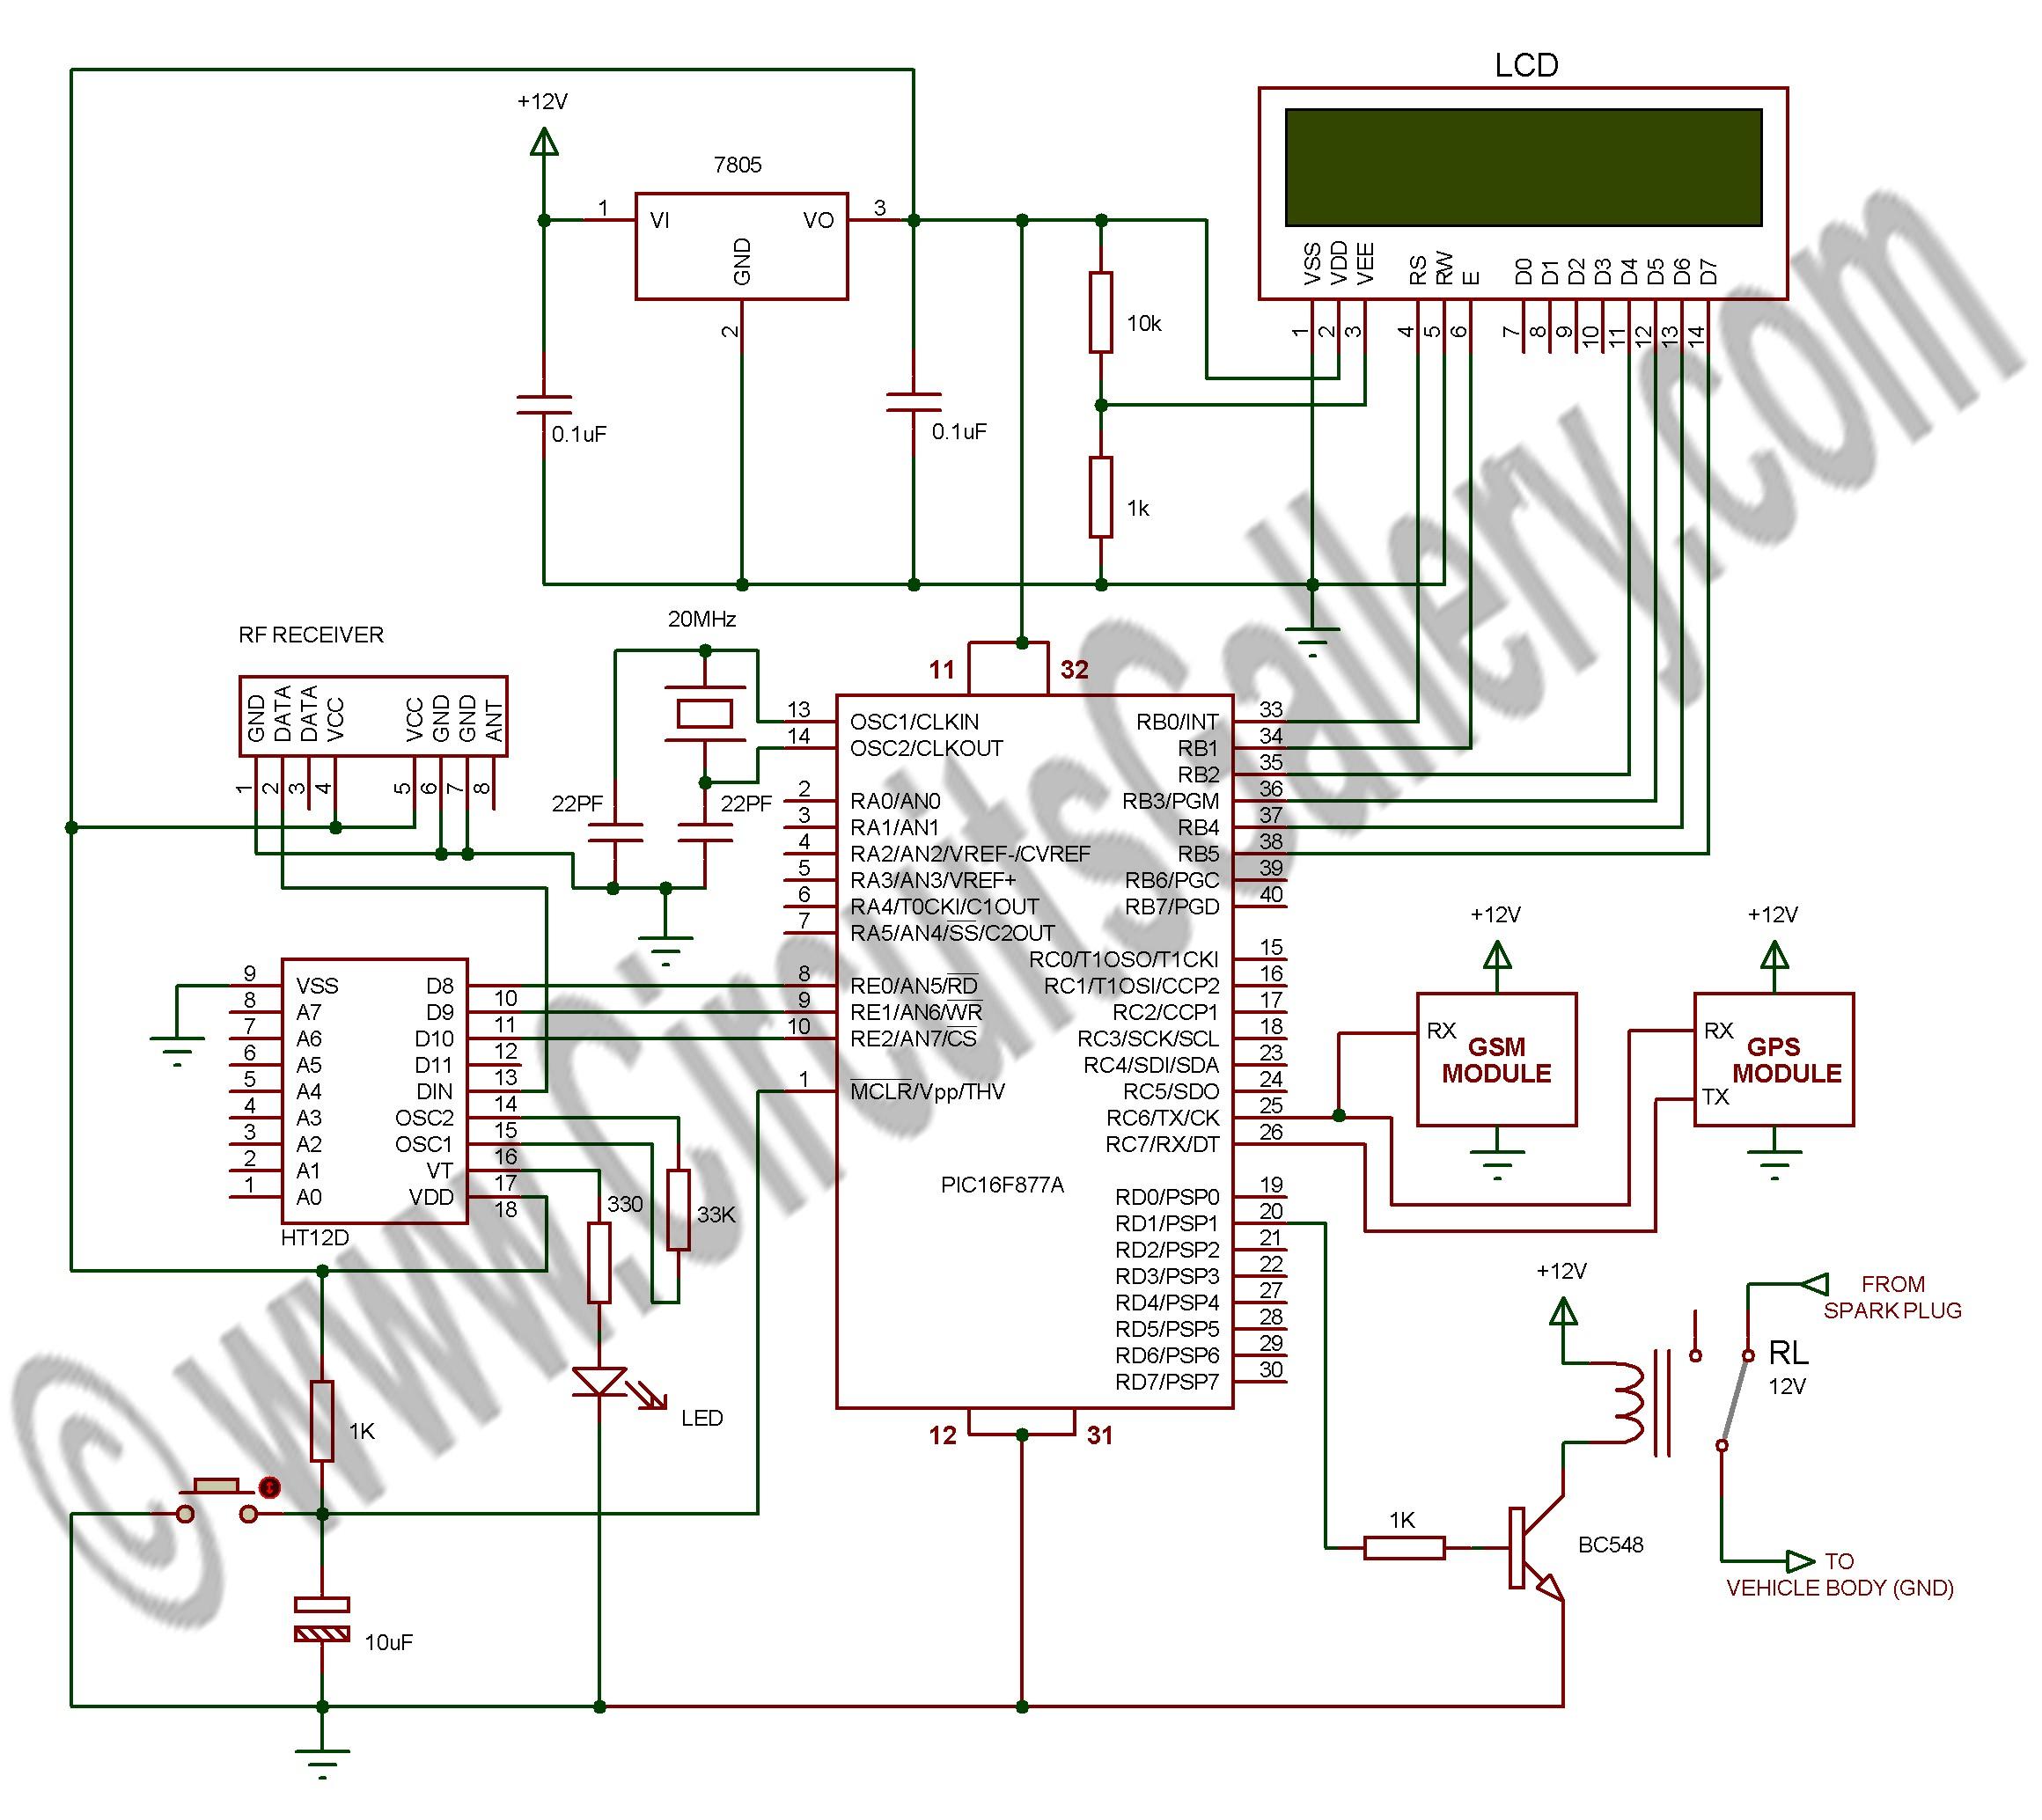 Digital Speedometer Circuit Diagram for Motorcycle Digital Speedometer Circuit Diagram for Motorcycle Project Of Digital Speedometer Circuit Diagram for Motorcycle